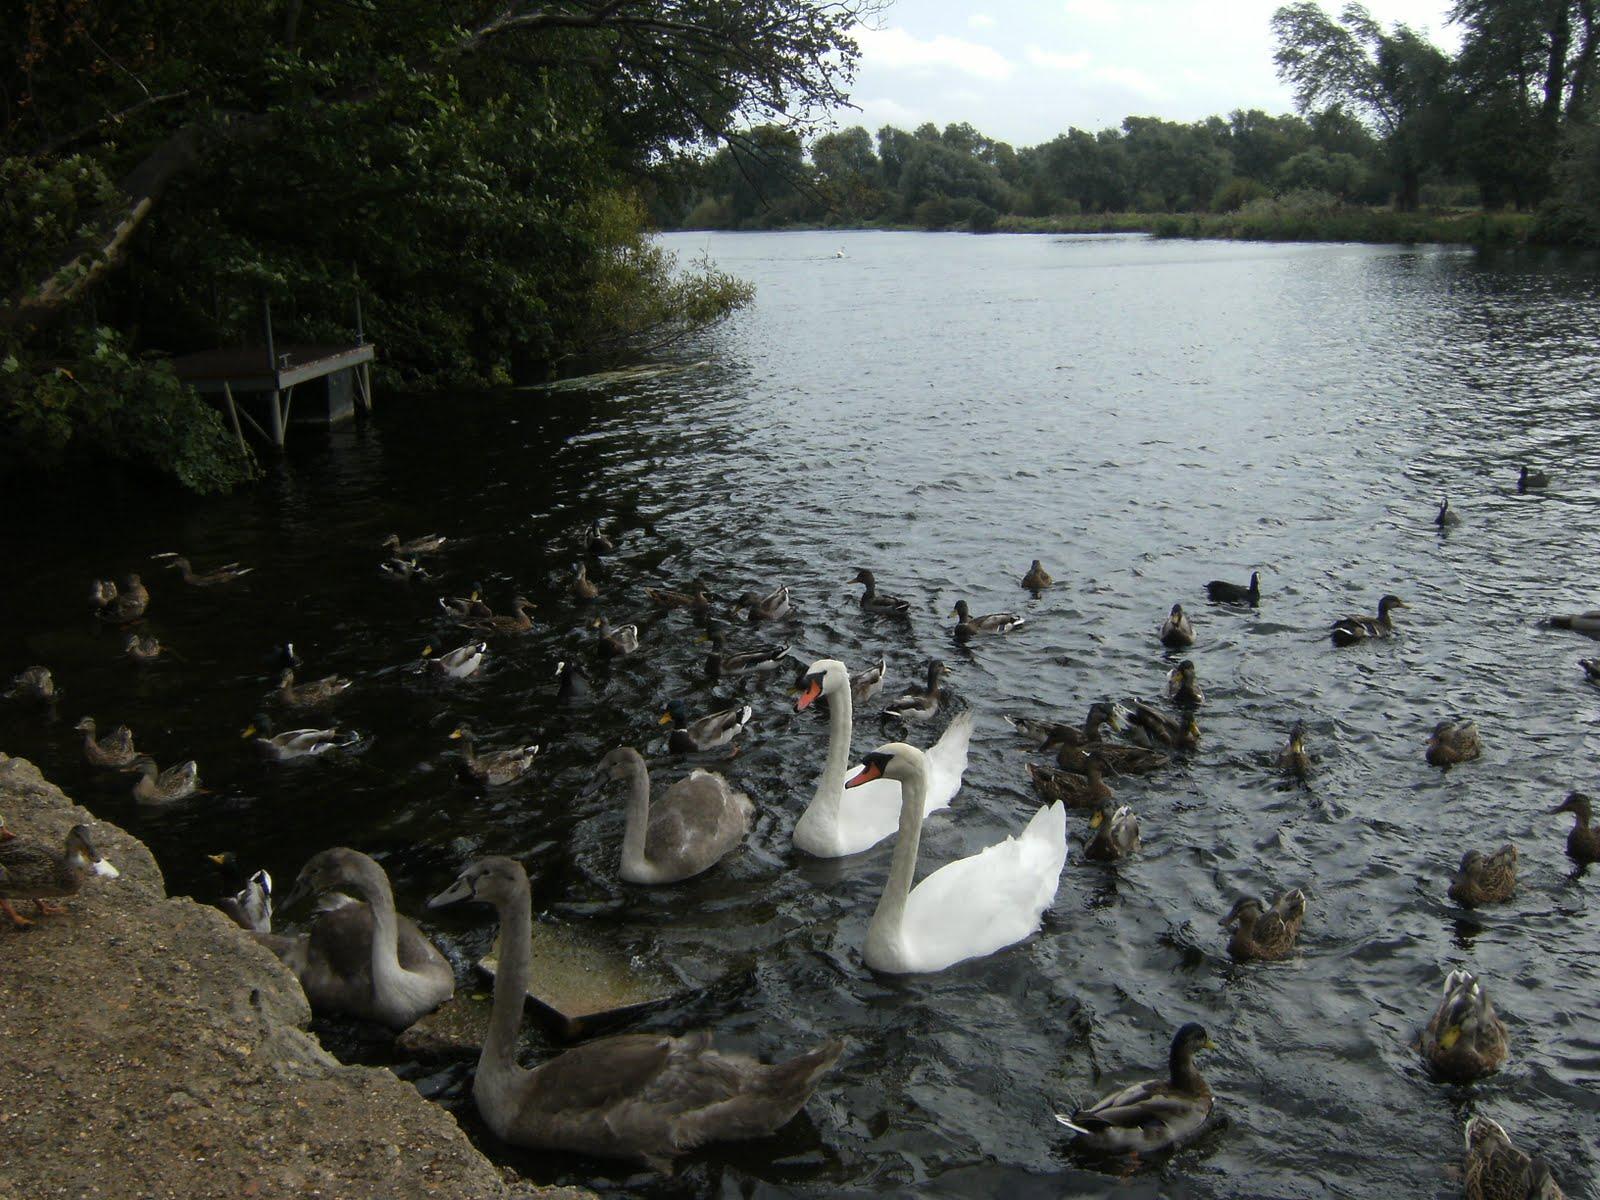 DSCF9422 River Great Ouse near Hartford